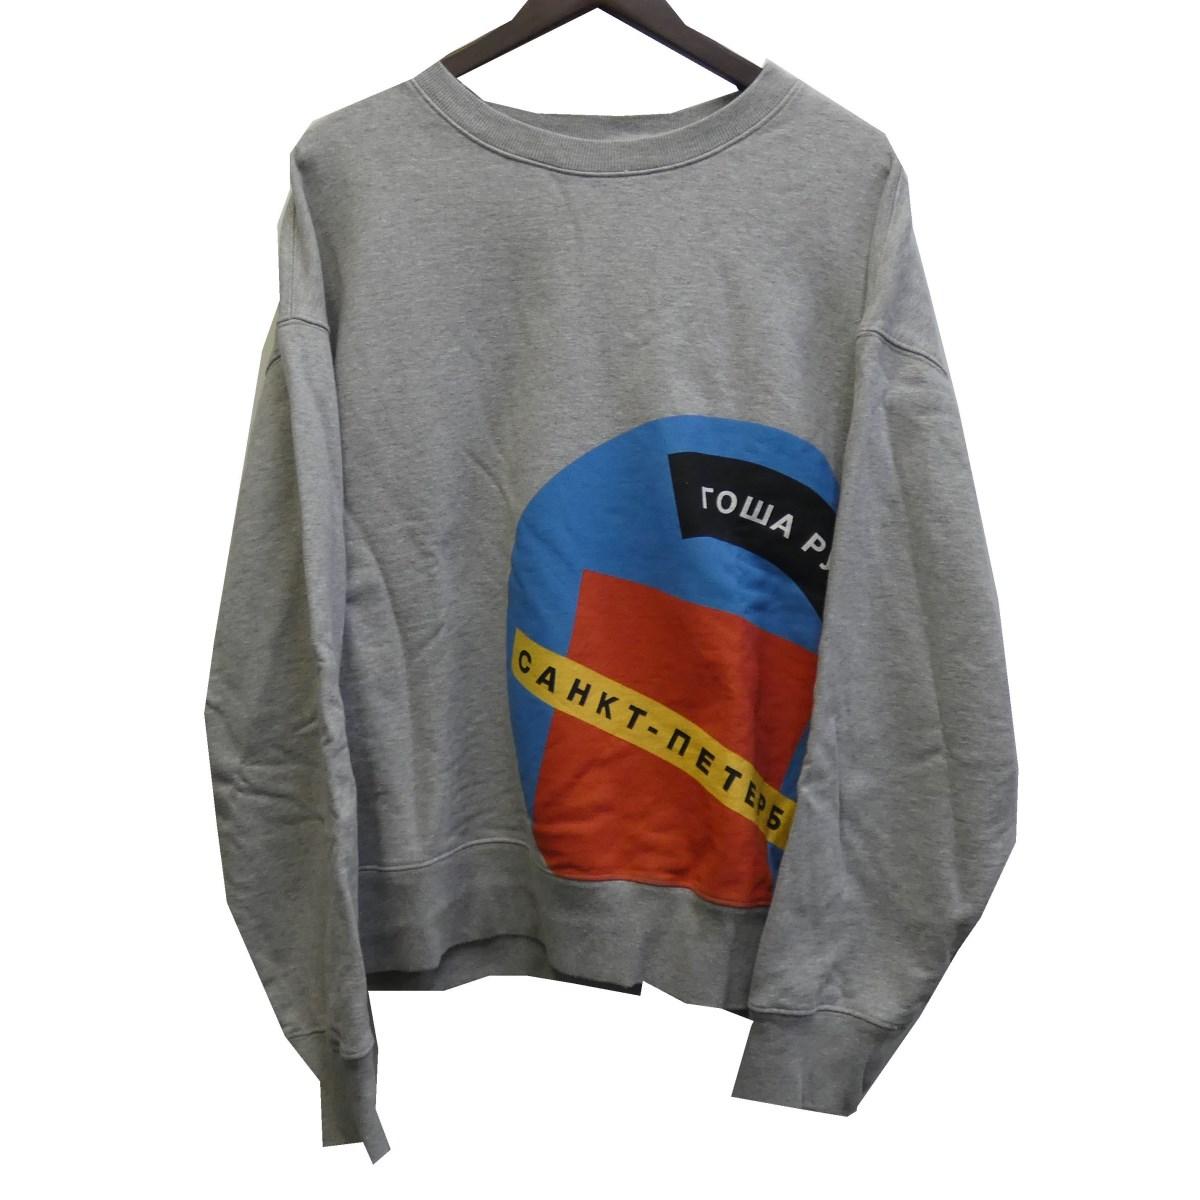 【中古】Gosha Rubchinskiy 18AW「World Cup City Sweatshirt」プリントスウェット グレー サイズ:XL 【250220】(ゴーシャラブチンスキー)